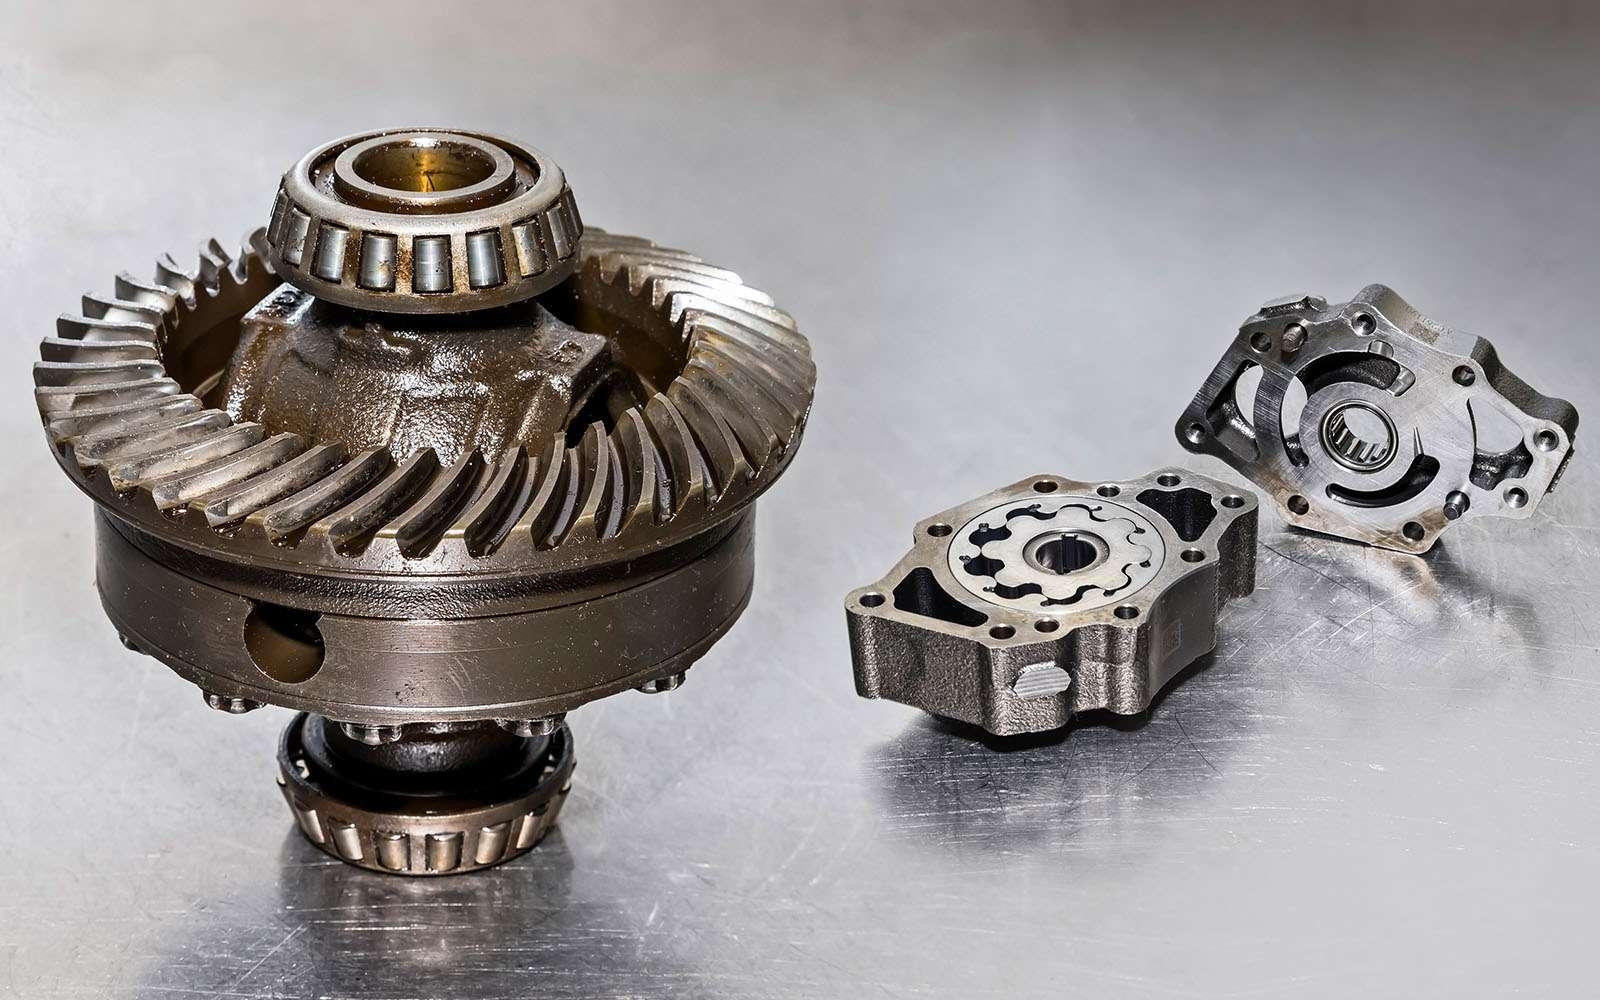 Можно лиотремонтировать вариатор? Исколько это стоит?— фото 846850